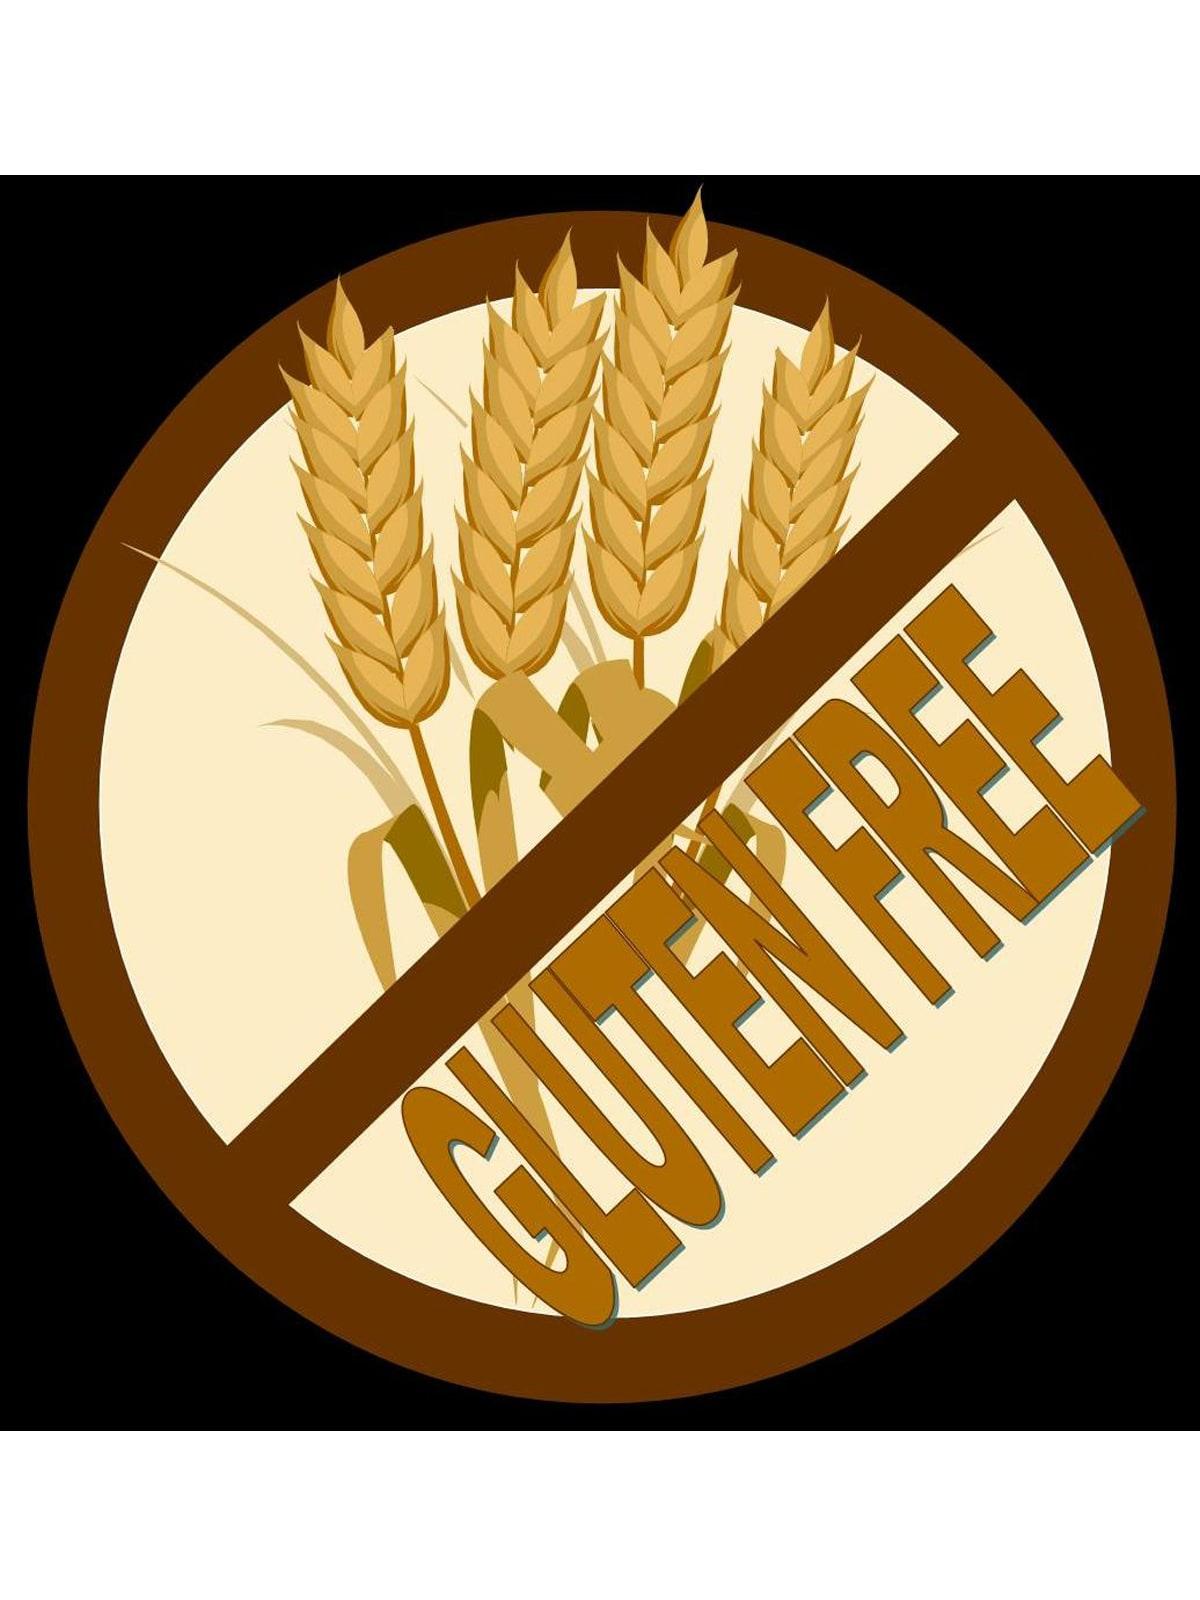 News_Gluten-free diet_logo